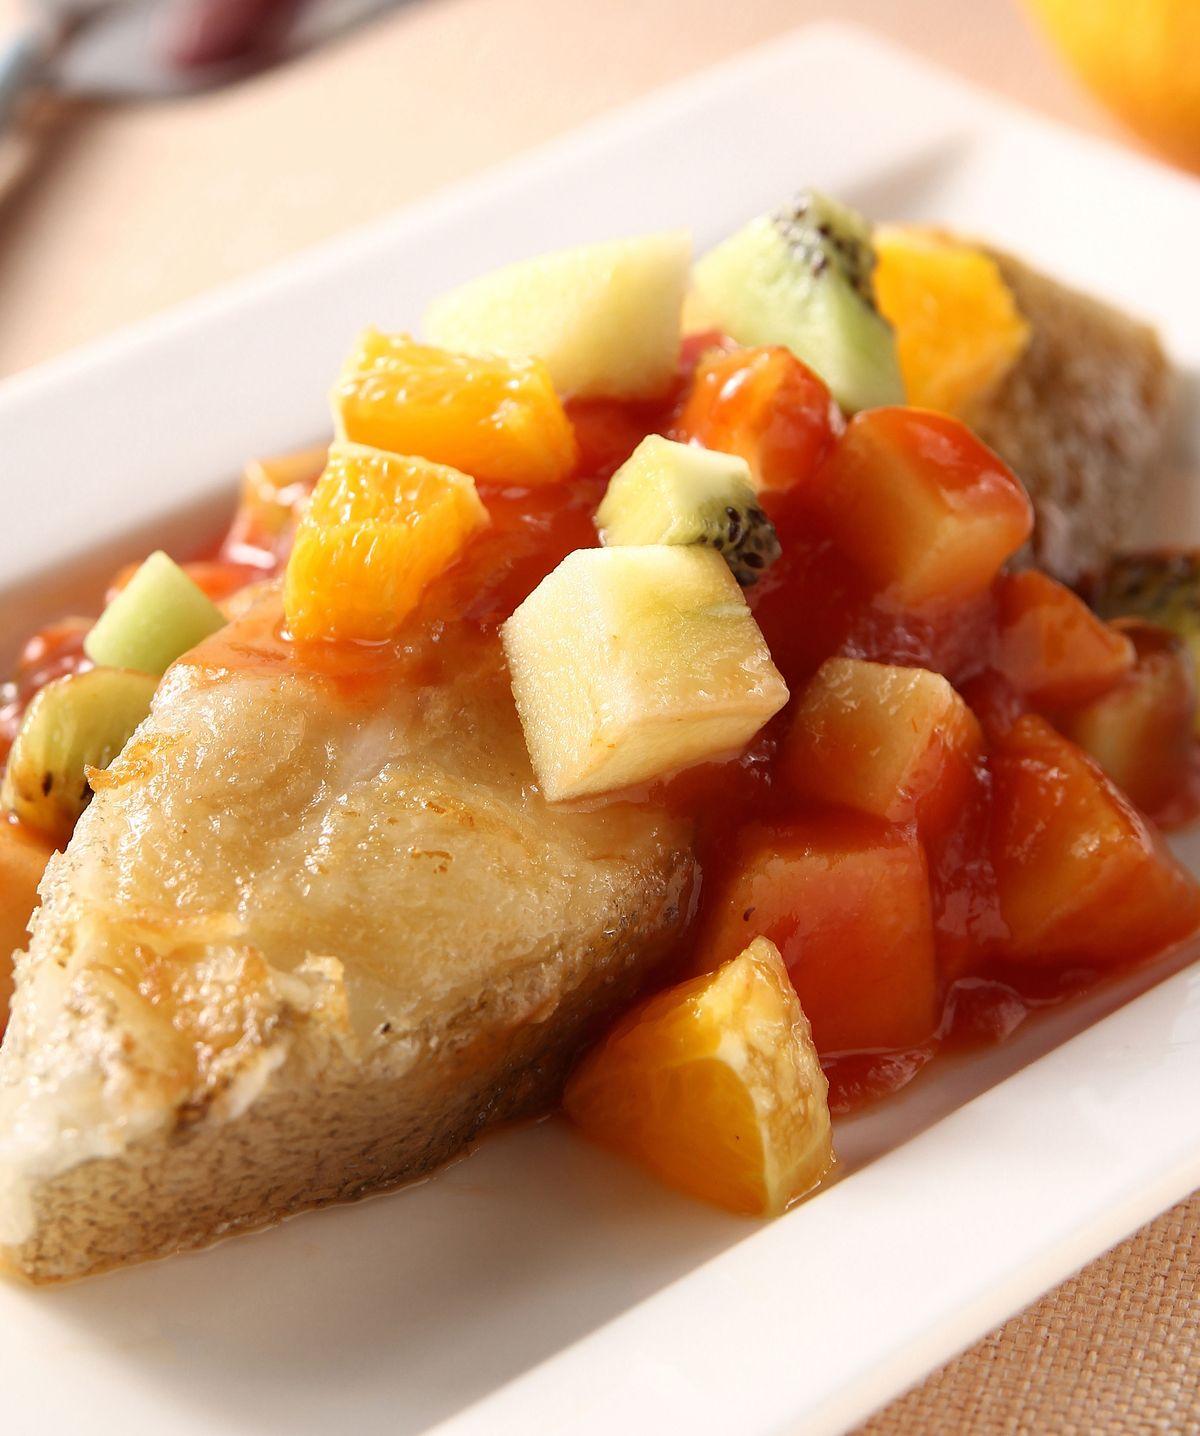 食譜:果粒鱈魚排